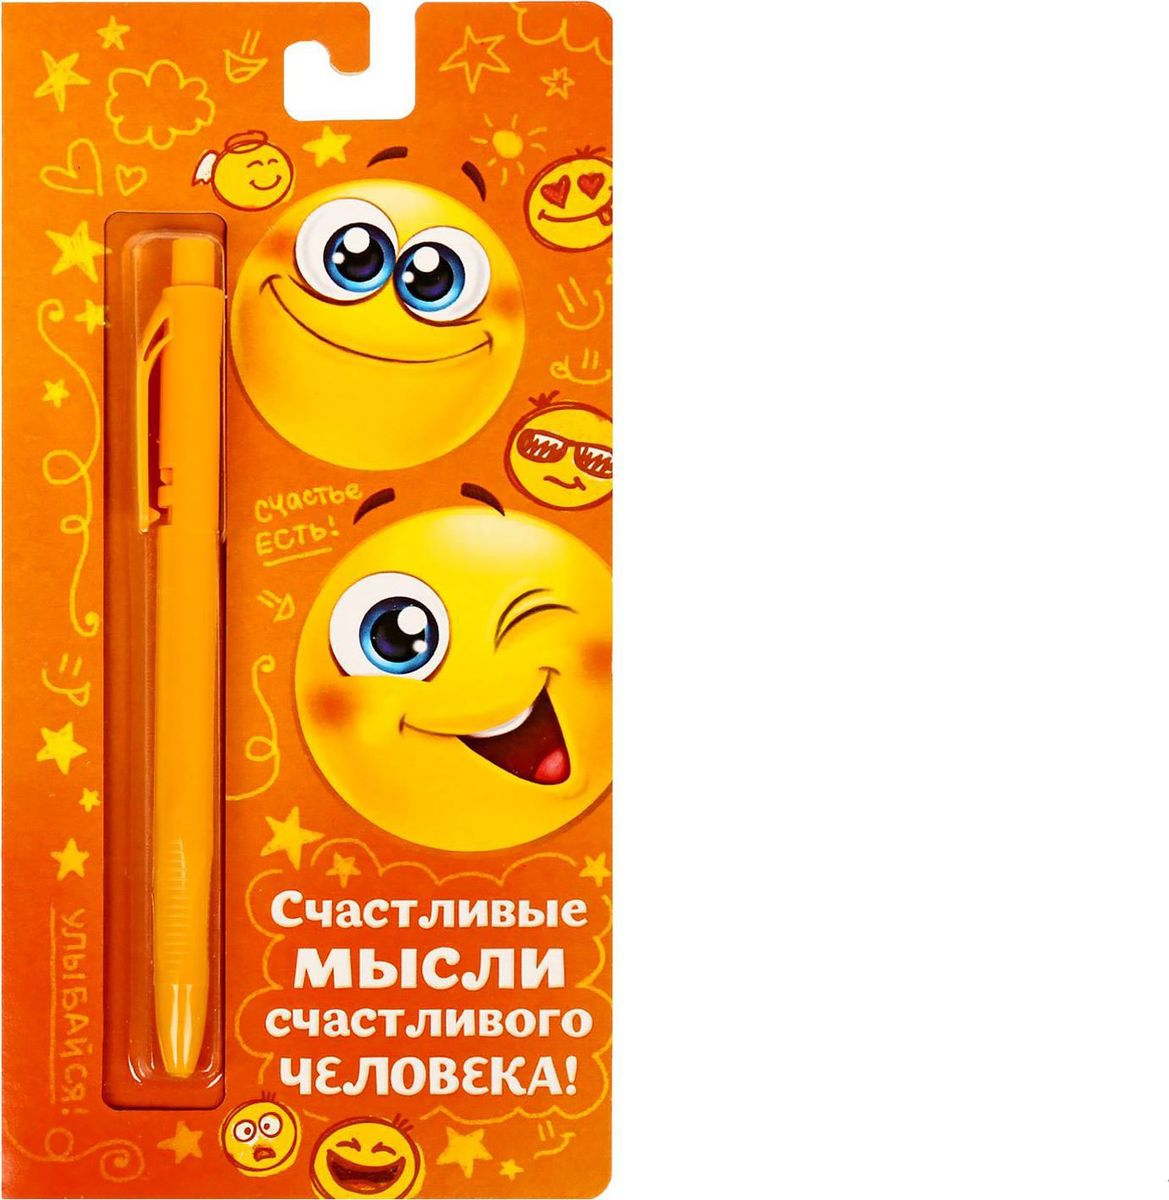 Ручка шариковая Счастливые мысли счастливого человека на открытке синяя1768388Ручка шариковая Счастливые мысли счастливого человека - эта ручка сочетает в себе интересный дизайн и современный материал! Она удобна в использовании: густые чернила не расплываются на бумаге и не вытекают при переноске, а яркое индивидуальное оформление радует глаз. Преимущества: картонная подложка-открытка индивидуальный дизайн пластиковый чехол-упаковка.